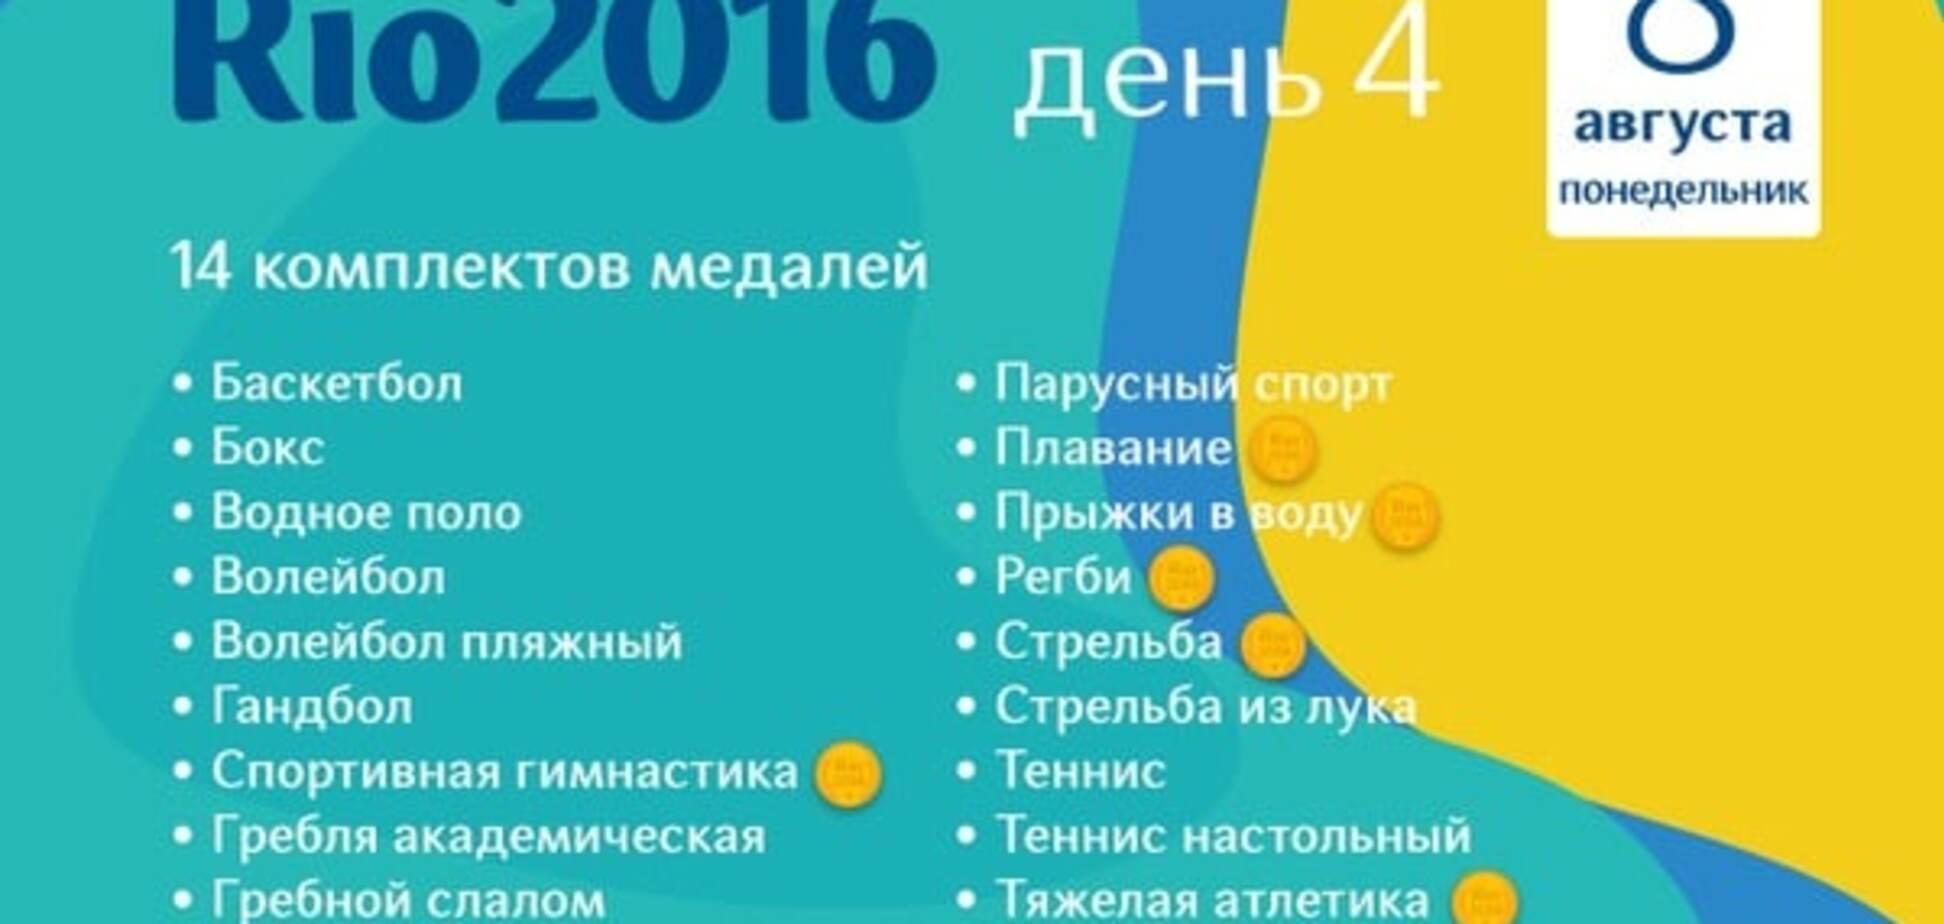 Олимпиада-2016 расписание